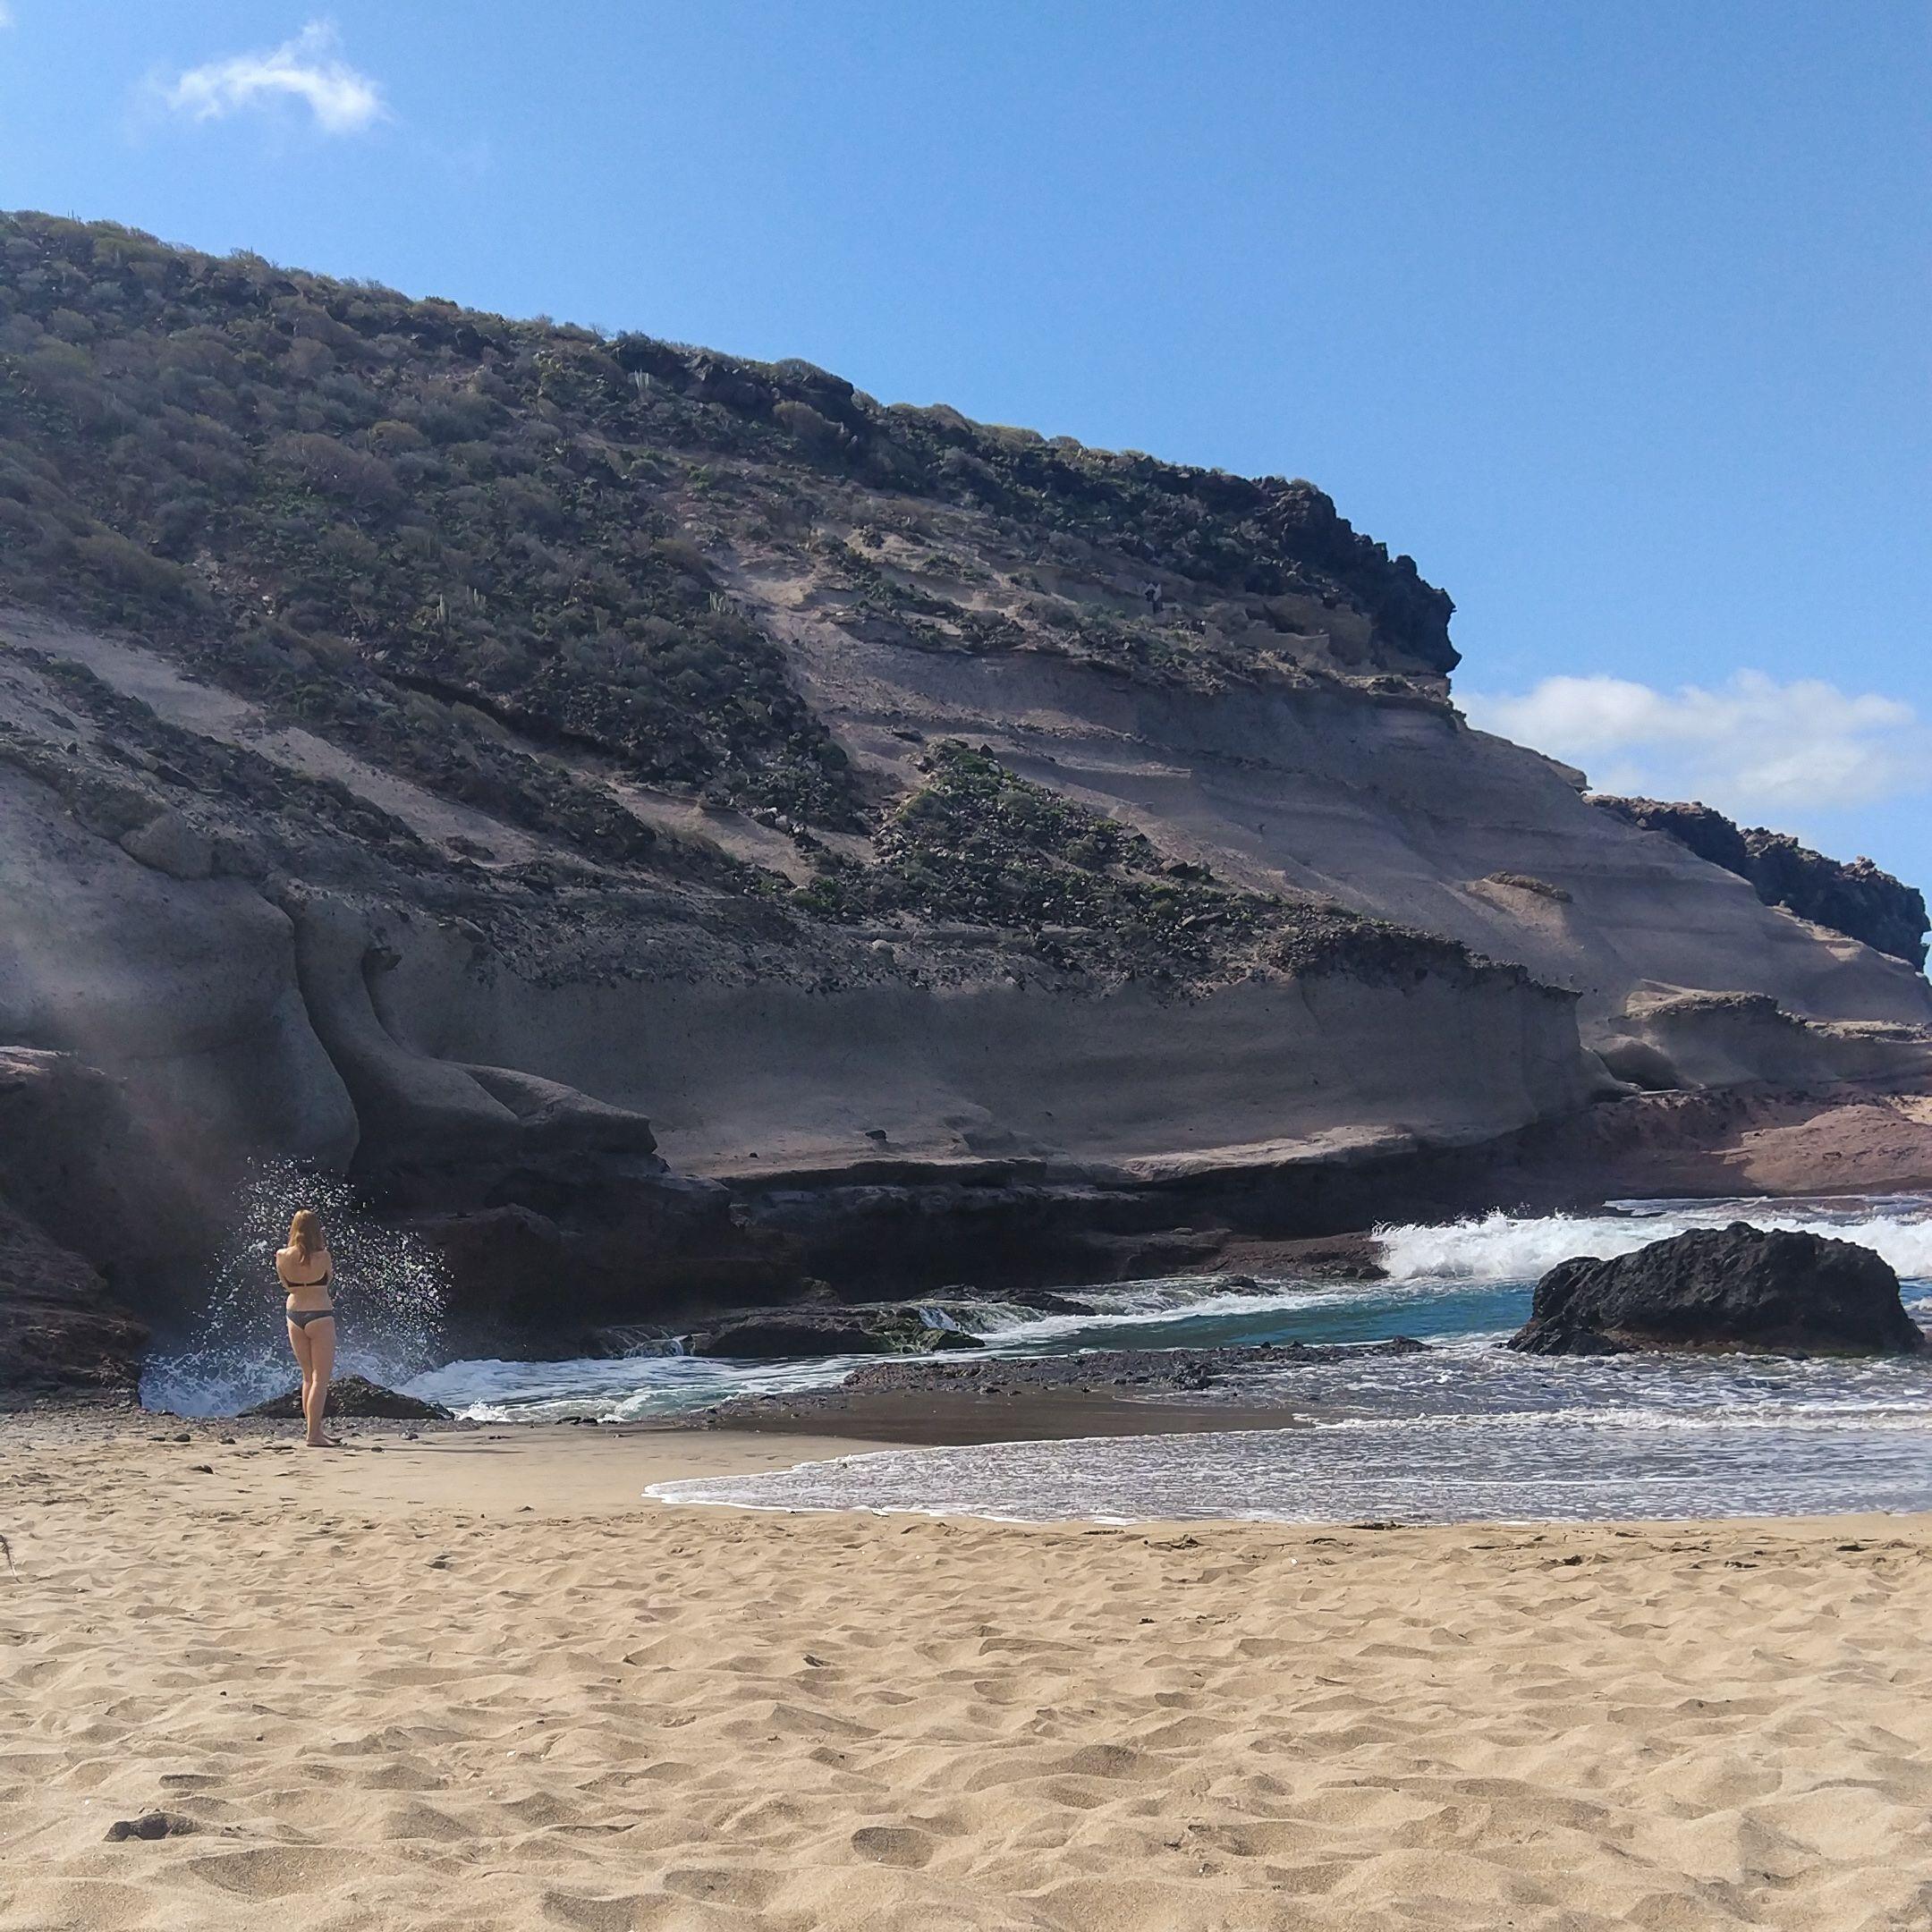 Na plaży - playa de Diego Hernandez, Teneryfa